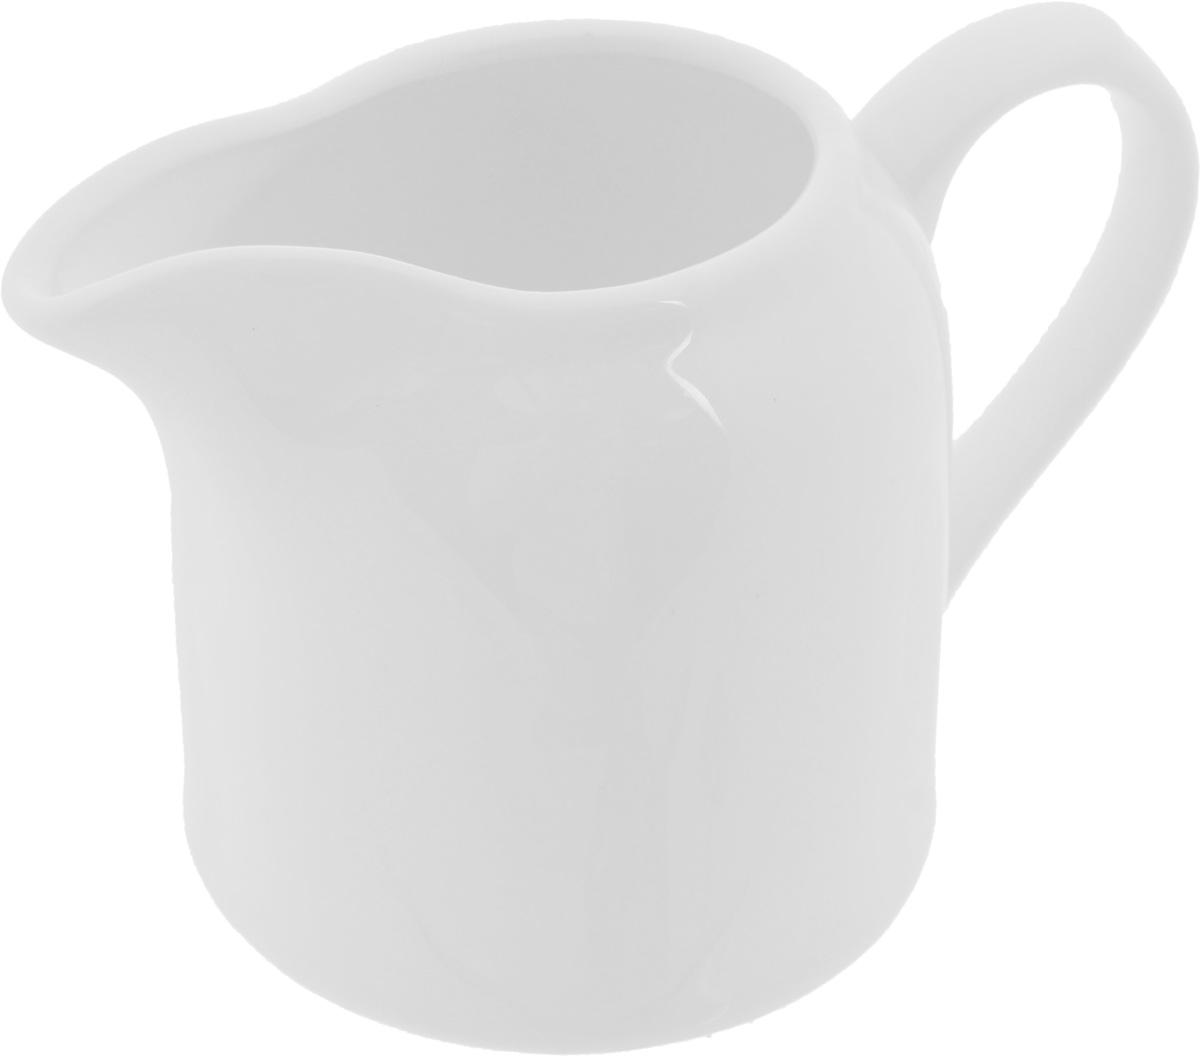 Молочник Wilmax, 250 мл115510Элегантный молочник Wilmax выполнен из высококачественного фарфора с глазурованным покрытием. Молочник имеет широкое основание, удобную ручку и носик. Предназначен для сливок и молока. Такое изделие украсит ваш праздничный или обеденный стол, а нежное исполнение понравится любой хозяйке.Можно мыть в посудомоечной машине и использовать в микроволновой печи.Диаметр молочника по верхнему краю: 4,5 см.Диаметр основания: 7,5 см. Высота салатника: 8 см.